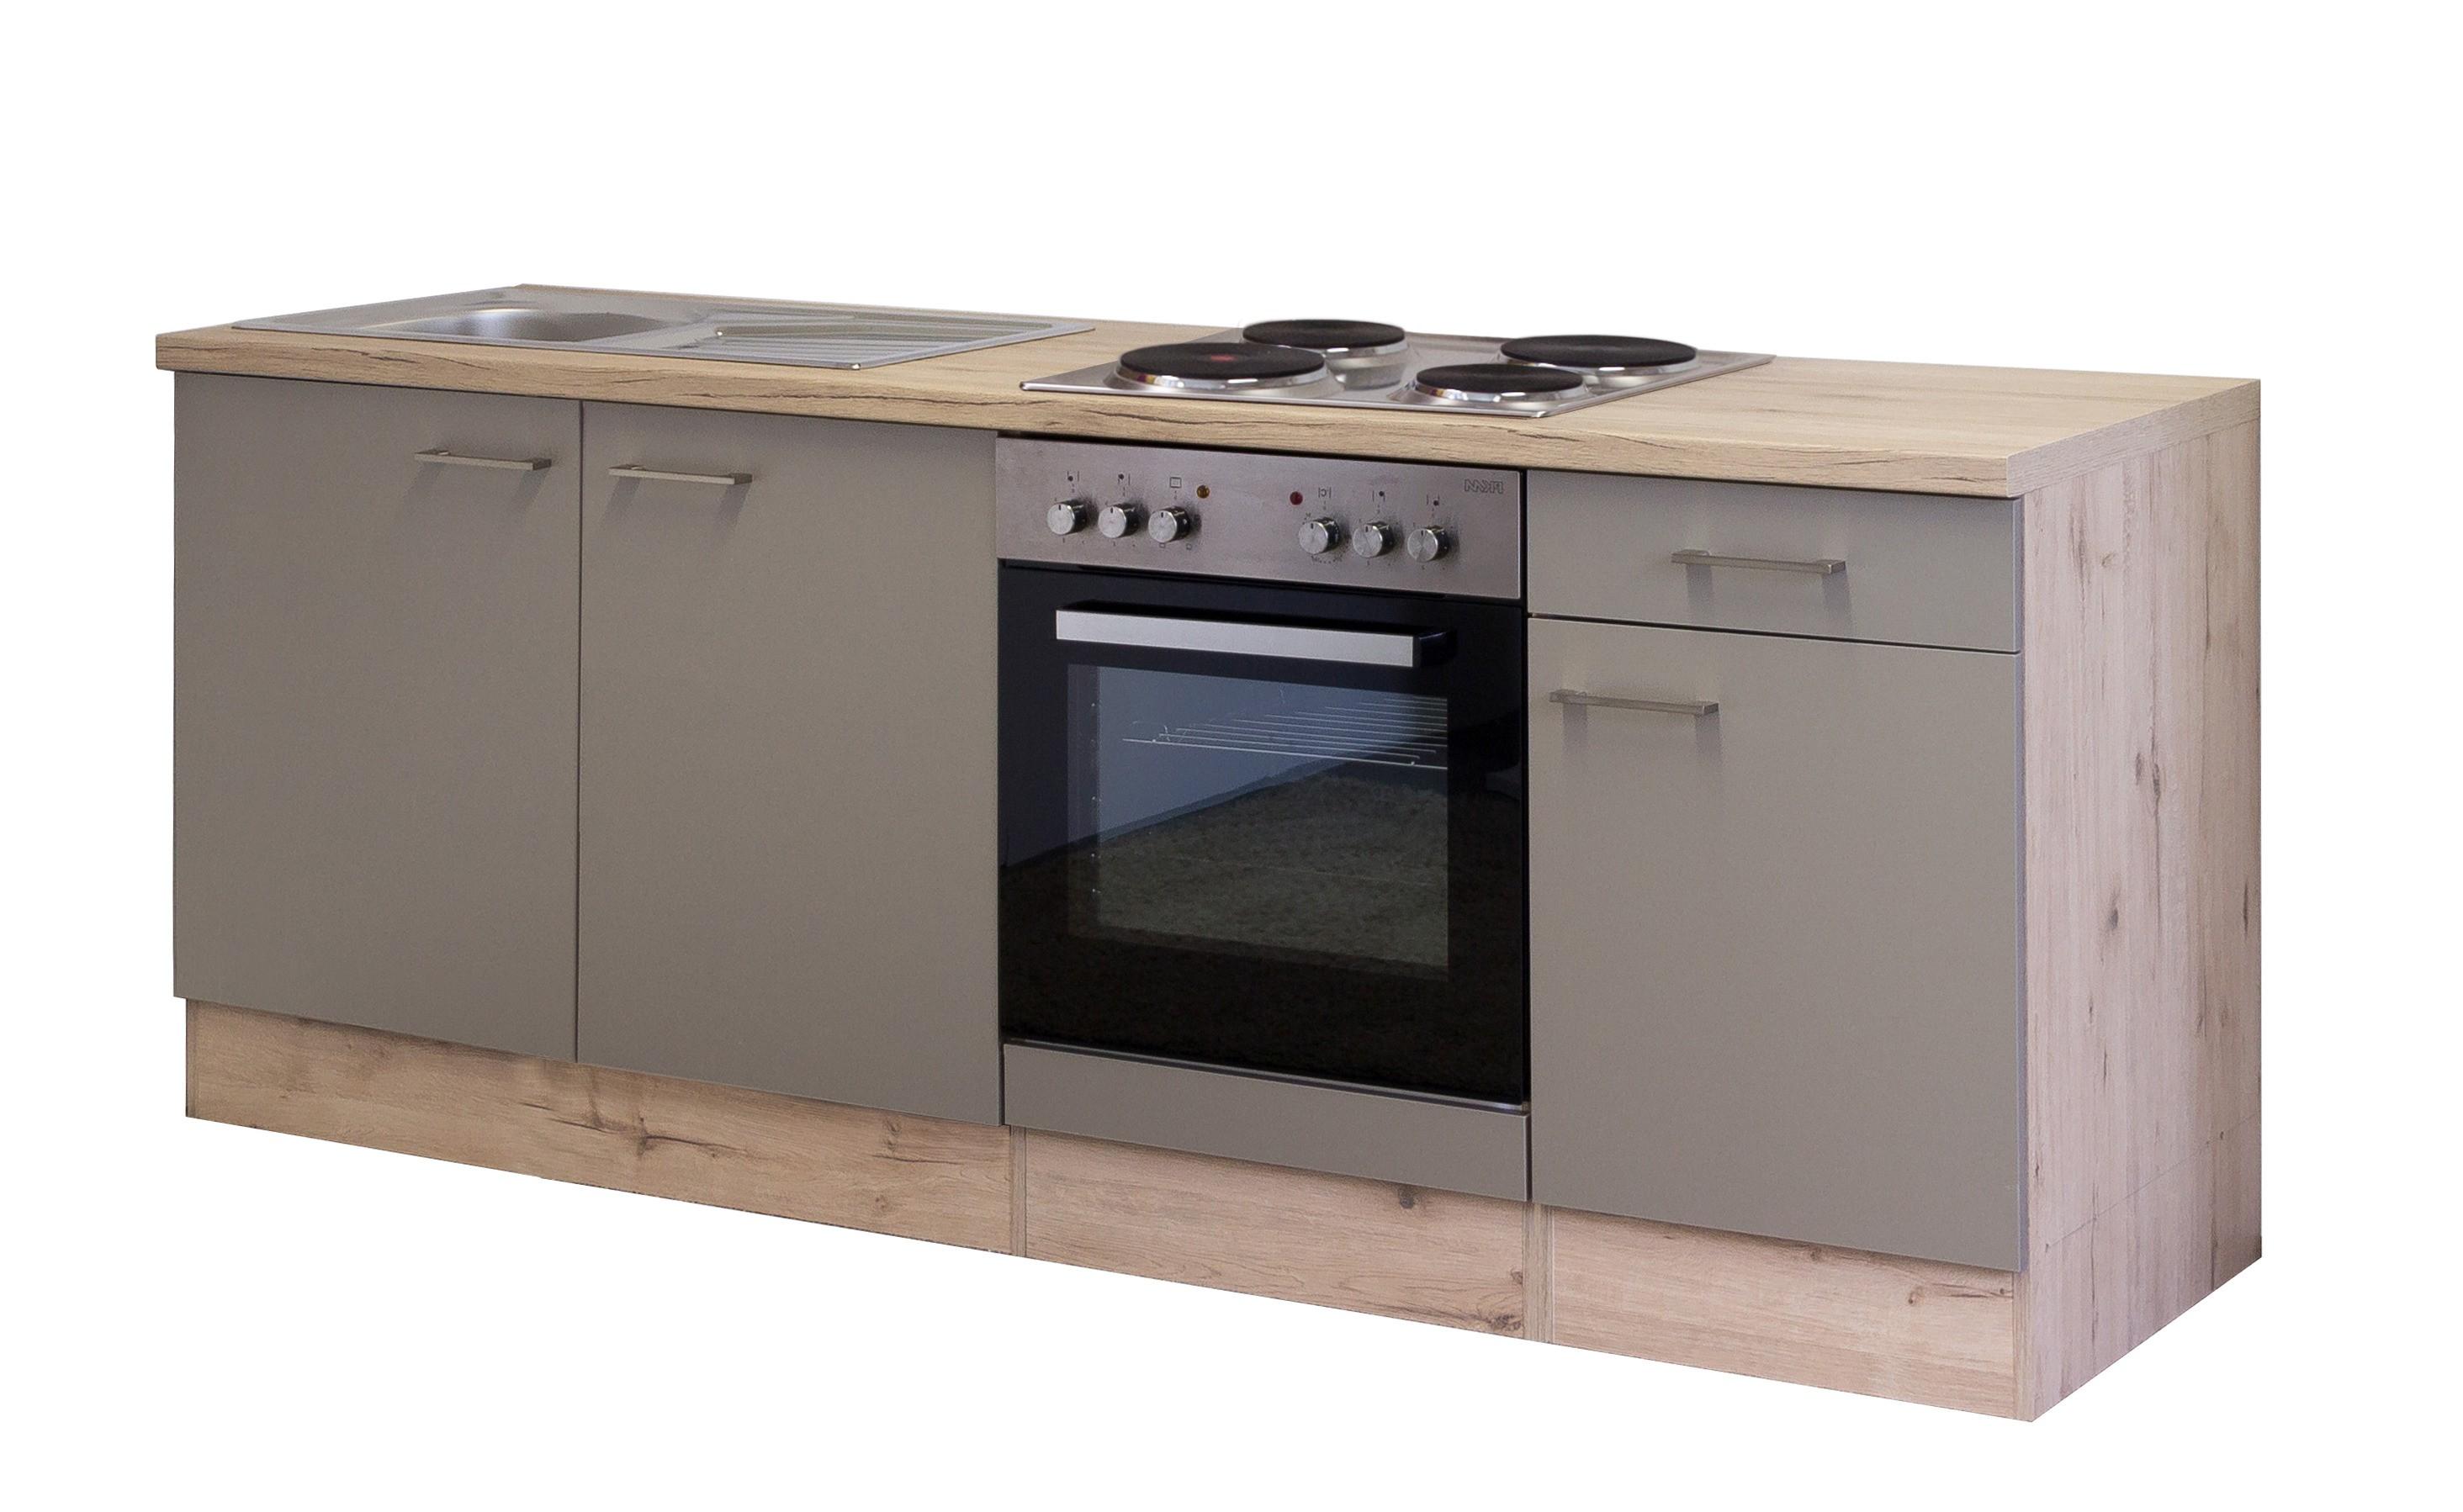 Kuchenzeile riva kuchenblock mit elektrogeraten 210 cm for Küchenzeile 250 cm mit elektroger ten